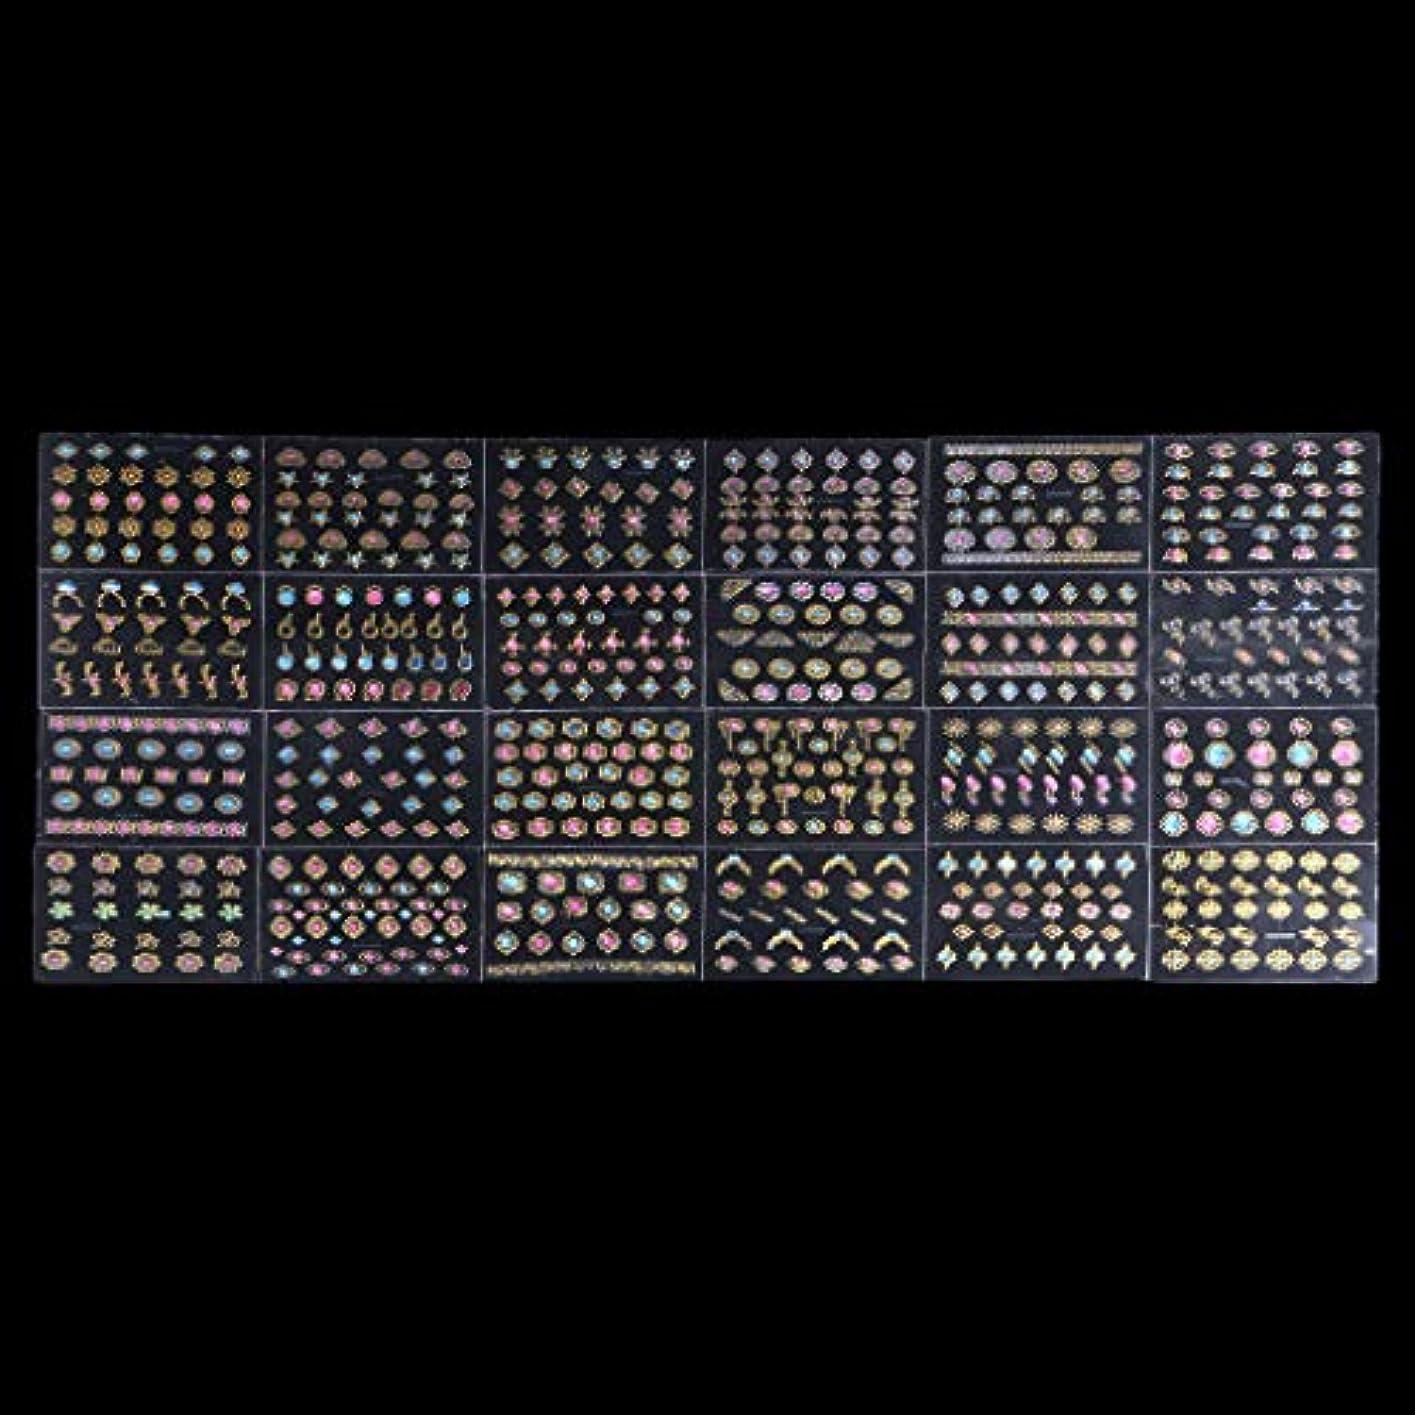 脆い禁輸審判Sharring 24シート3DデザインネイルアートステッカーヒントデカールジュエルマニキュアDIYの装飾 [並行輸入品]